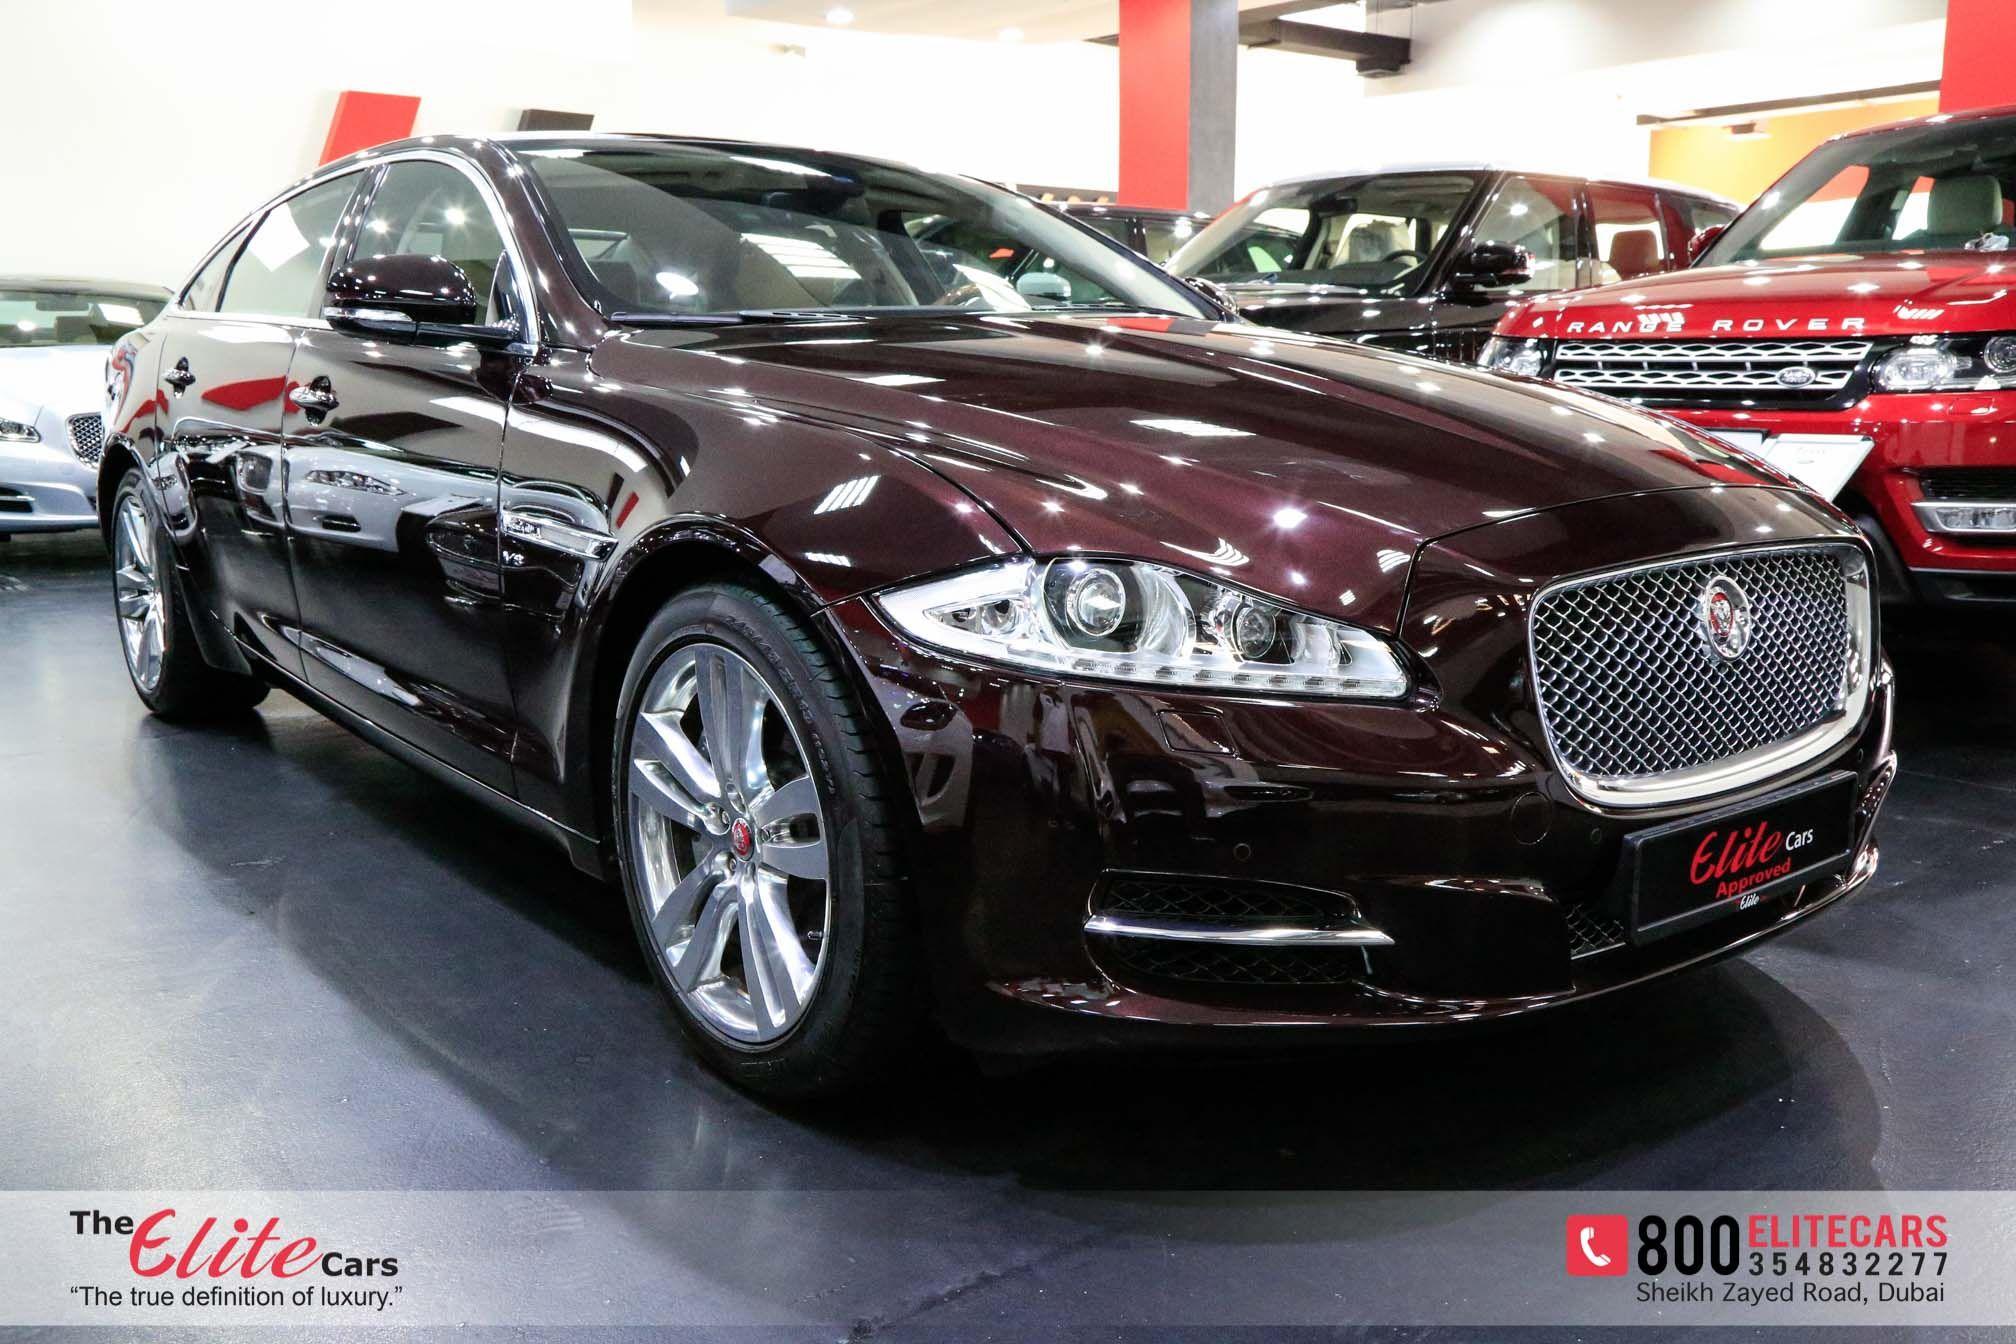 Jaguar Xjl 2014 For Sale In Dubai Aed 219 000 Caviar Sold